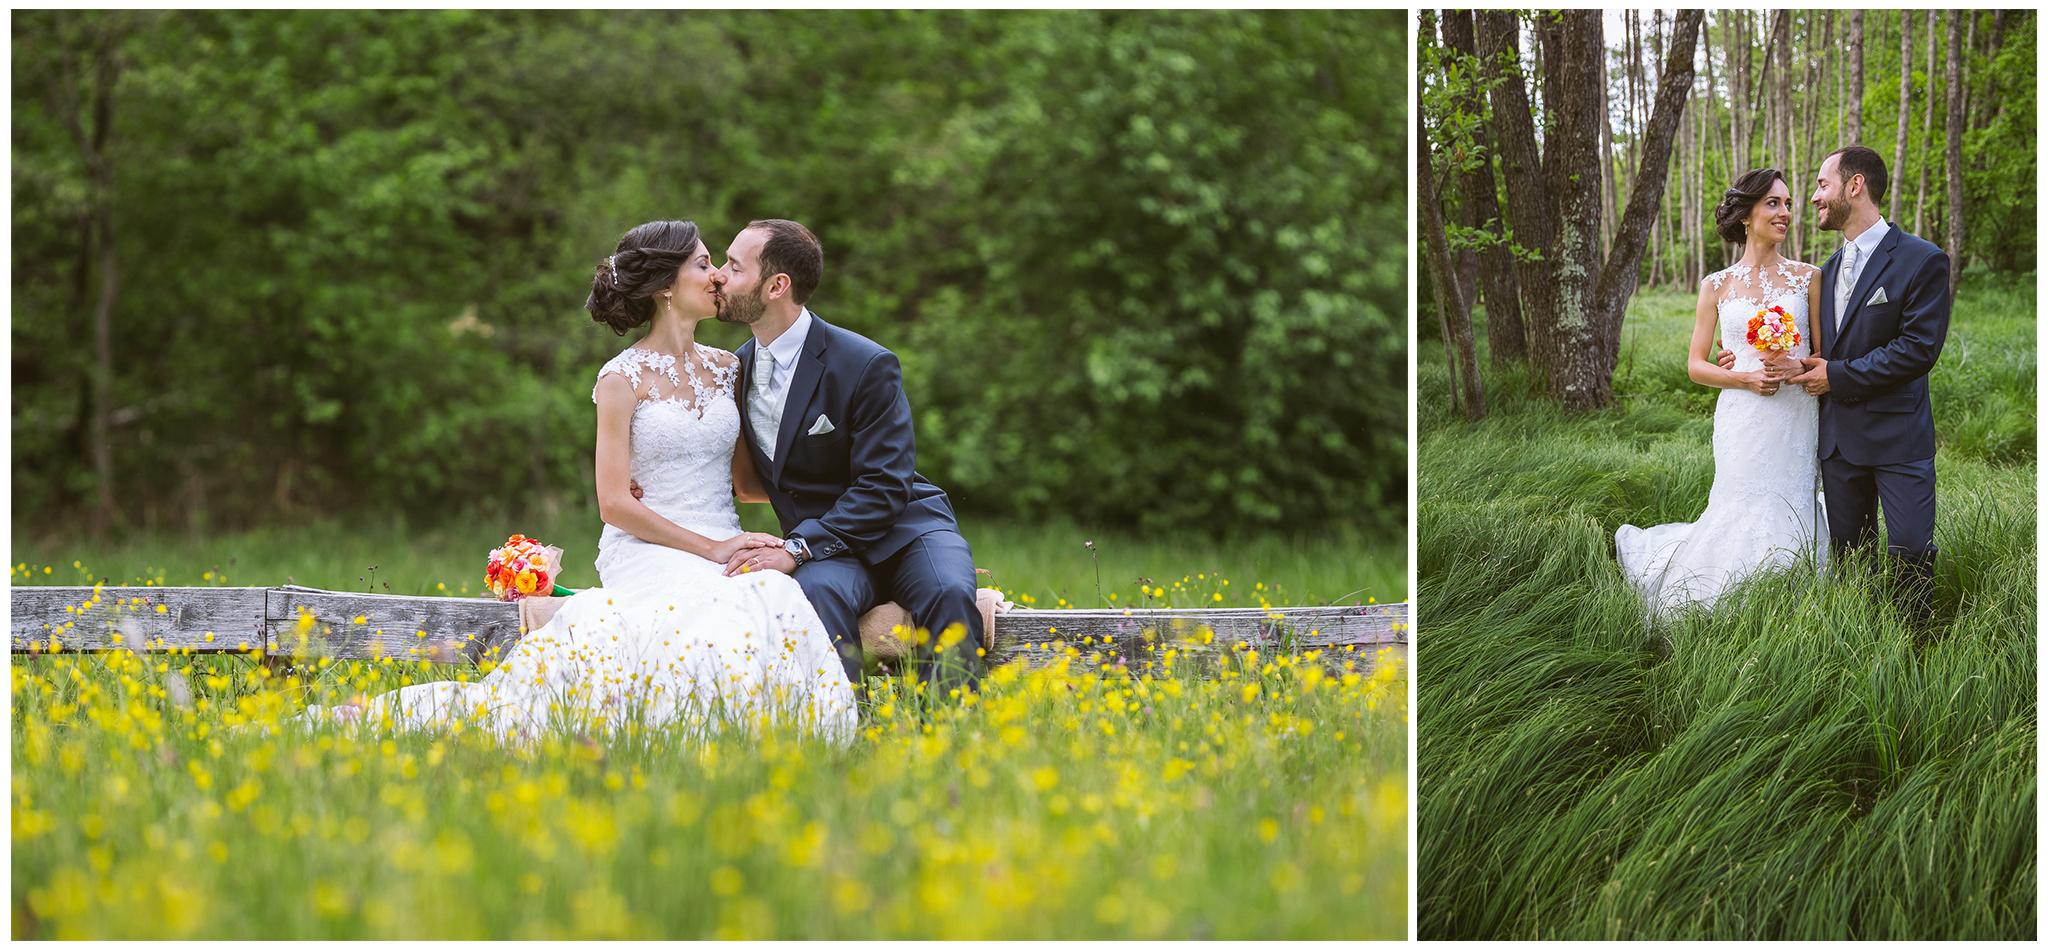 FylepPhoto, esküvőfotós, esküvői fotós Körmend, Szombathely, esküvőfotózás, magyarország, vas megye, prémium, jegyesfotózás, Fülöp Péter, körmend, kreatív, fotográfus_005.jpg